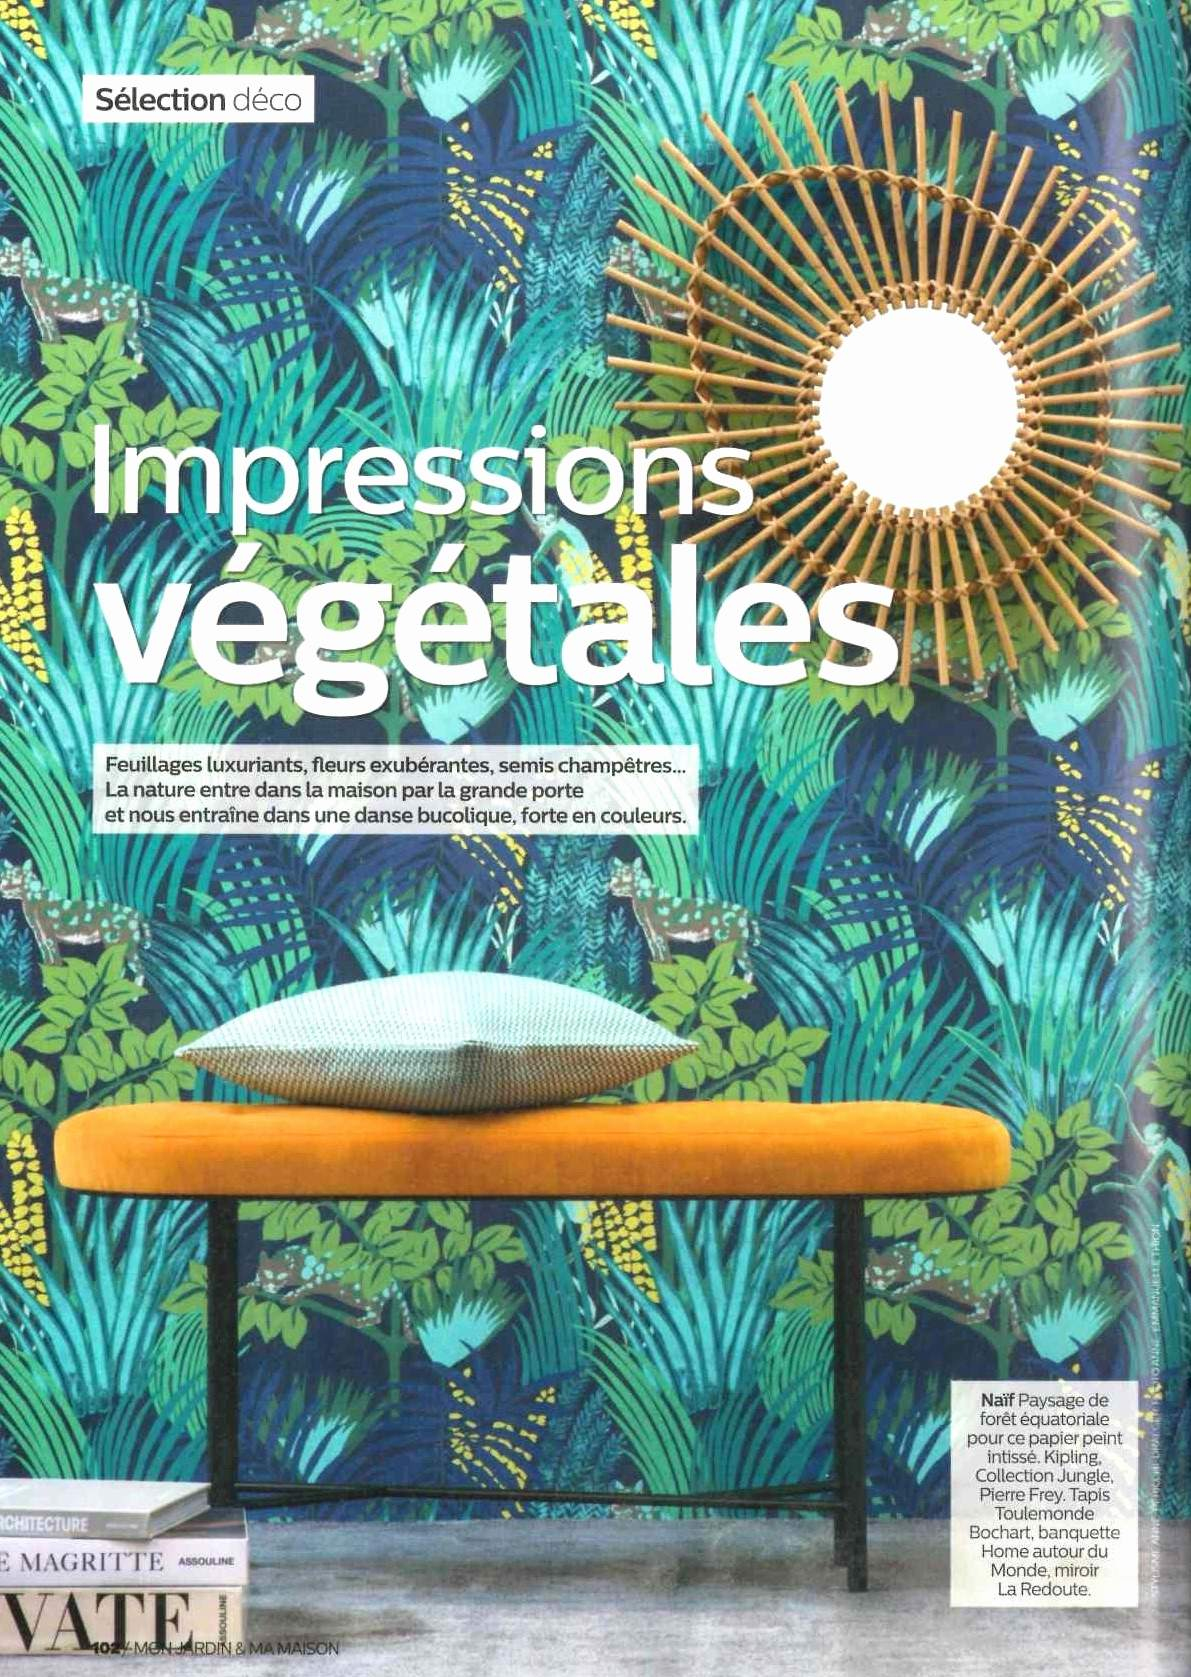 Le Jardin De Joeliah Beau Image 14 Meilleur De Le Jardin De Joeliah Galerie De Cuisine Jardin